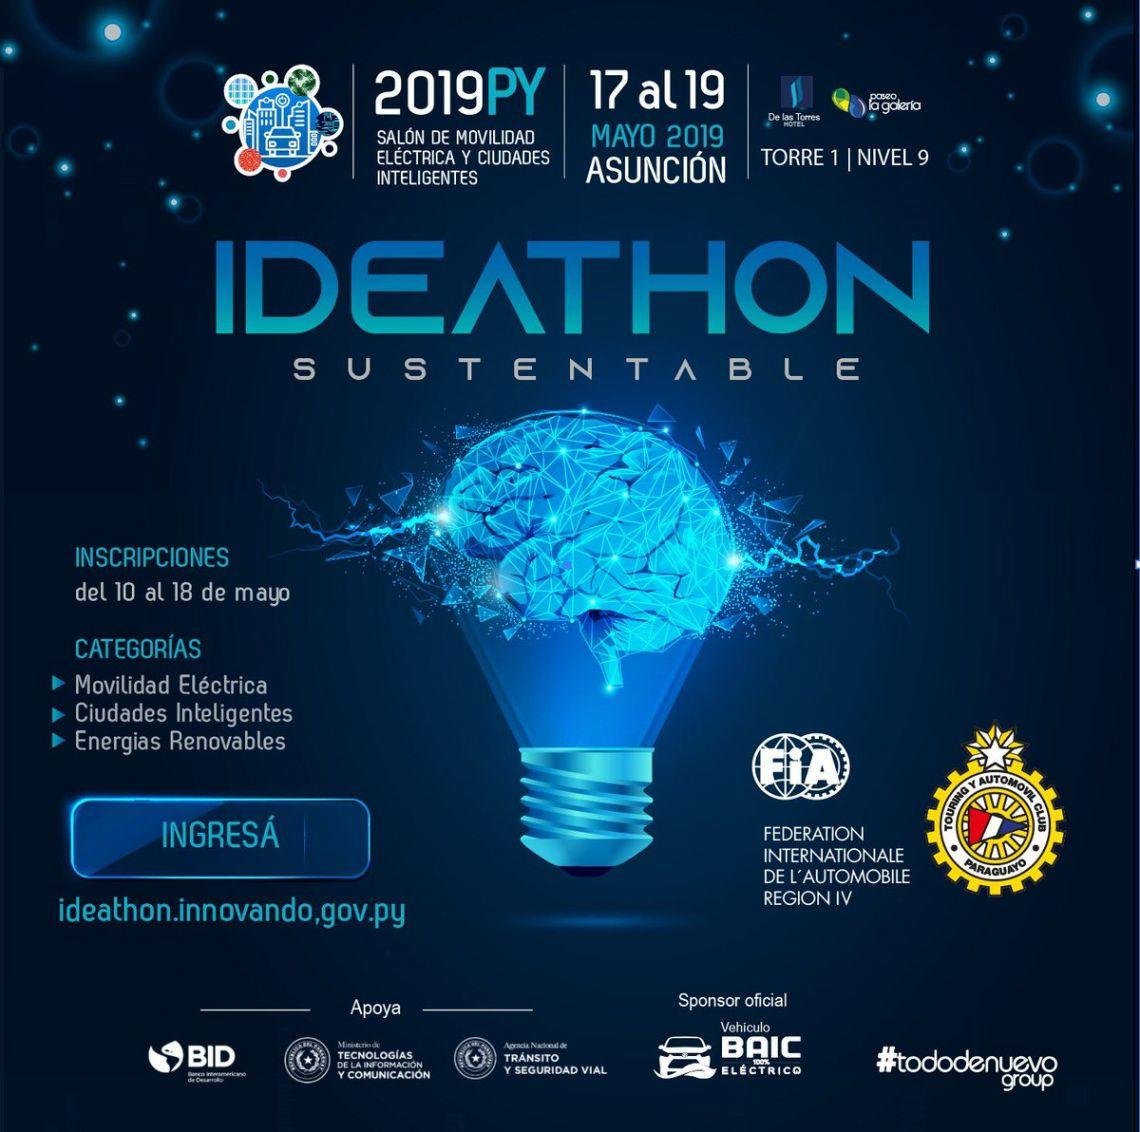 Ideathon 3 edición 2019